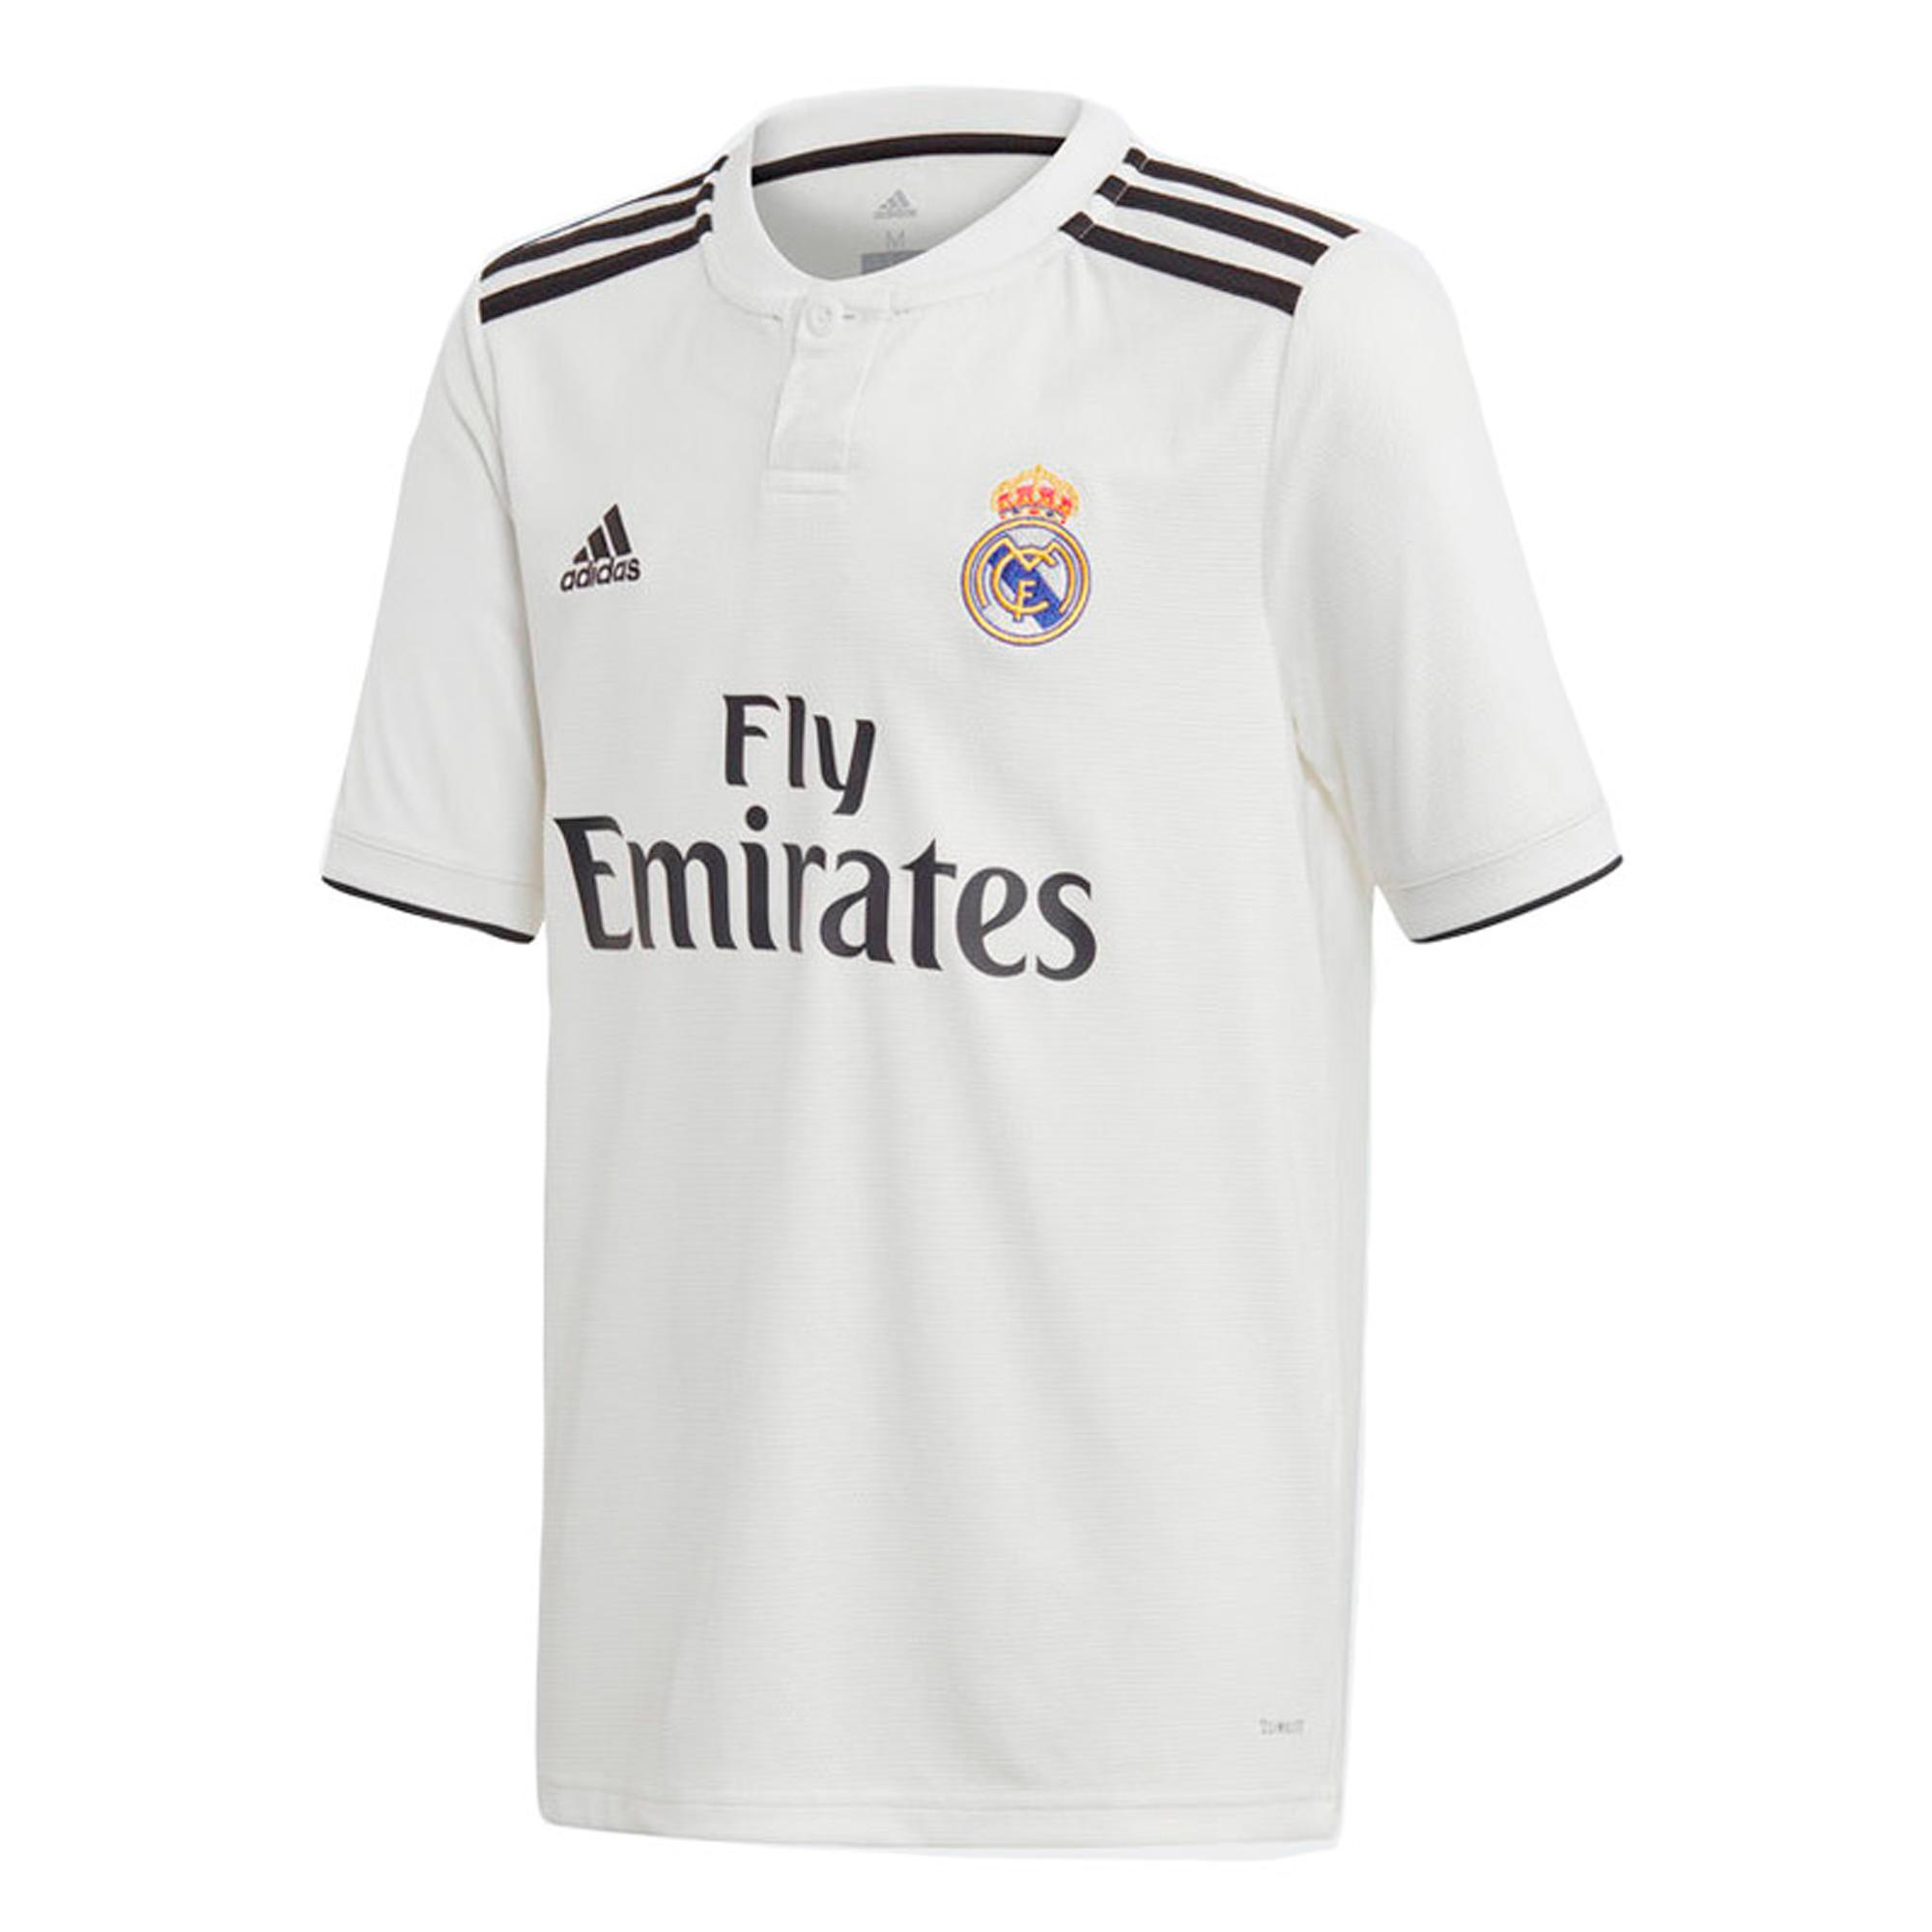 7c88535955e19 Equipación y Camisetas Oficiales Real Madrid 18 19